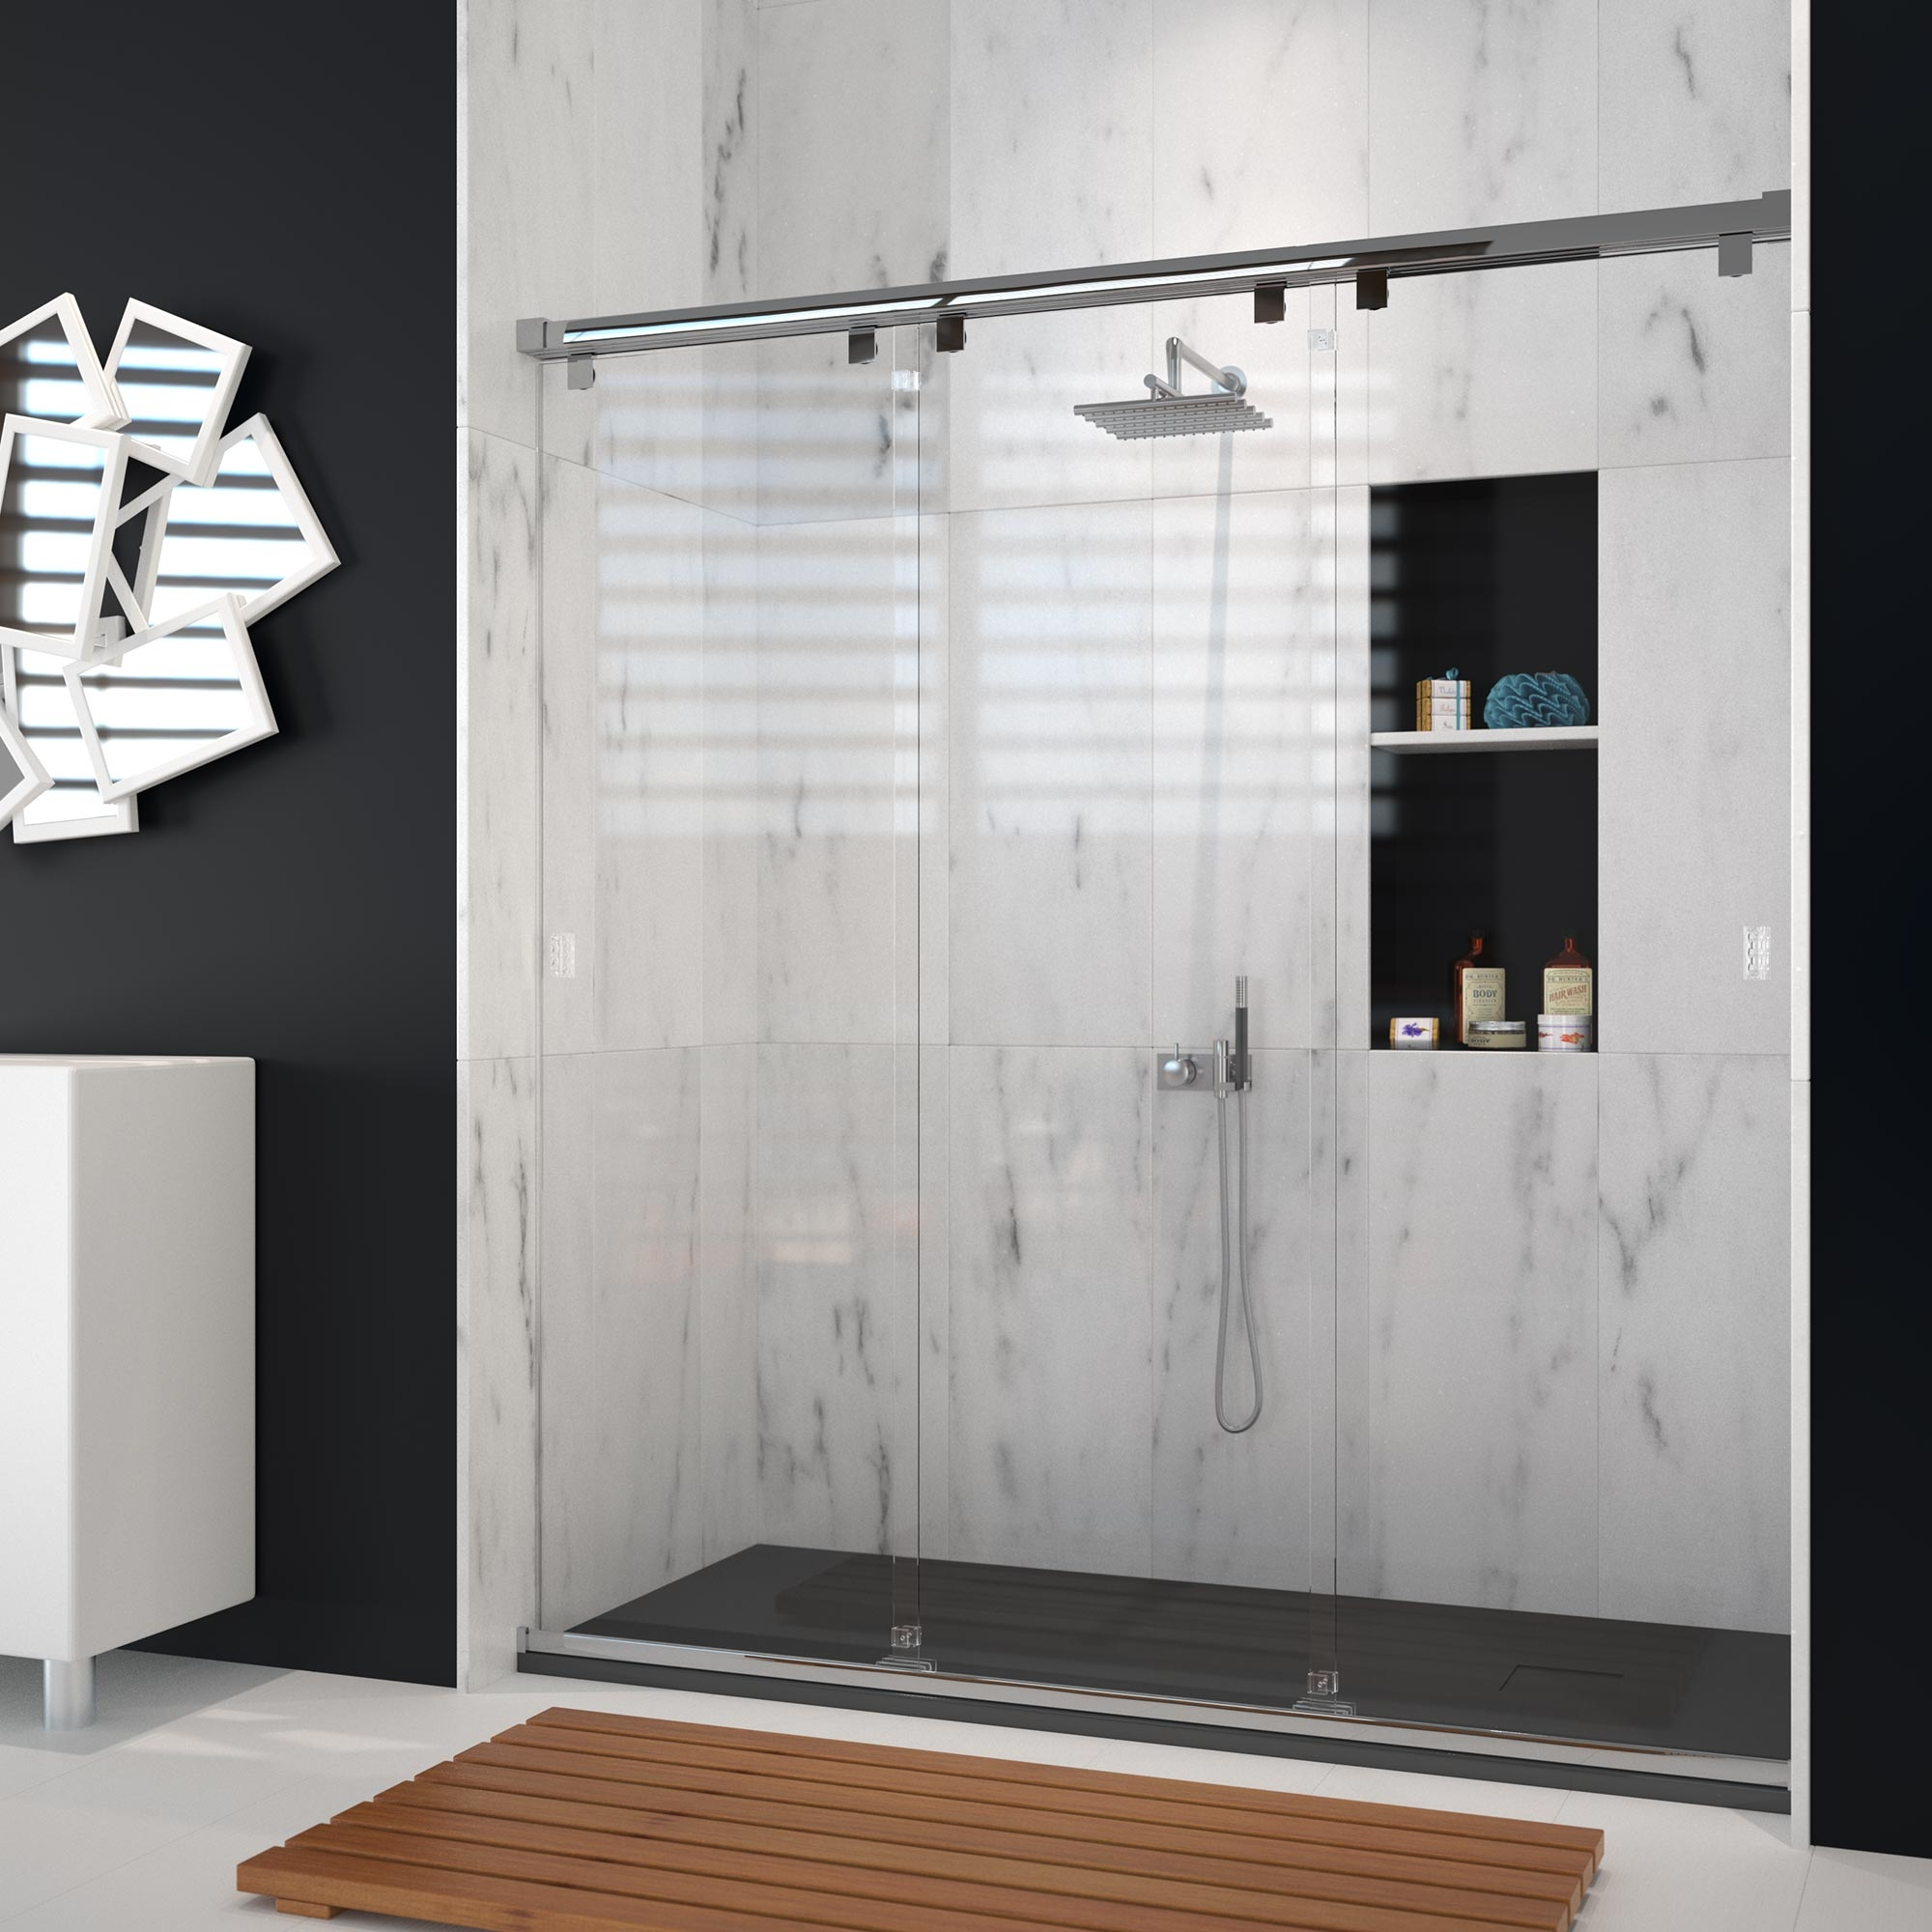 Mamparas ba o ba os mamparas ducha mamparas ducha for Mamparas de ducha serigrafiadas